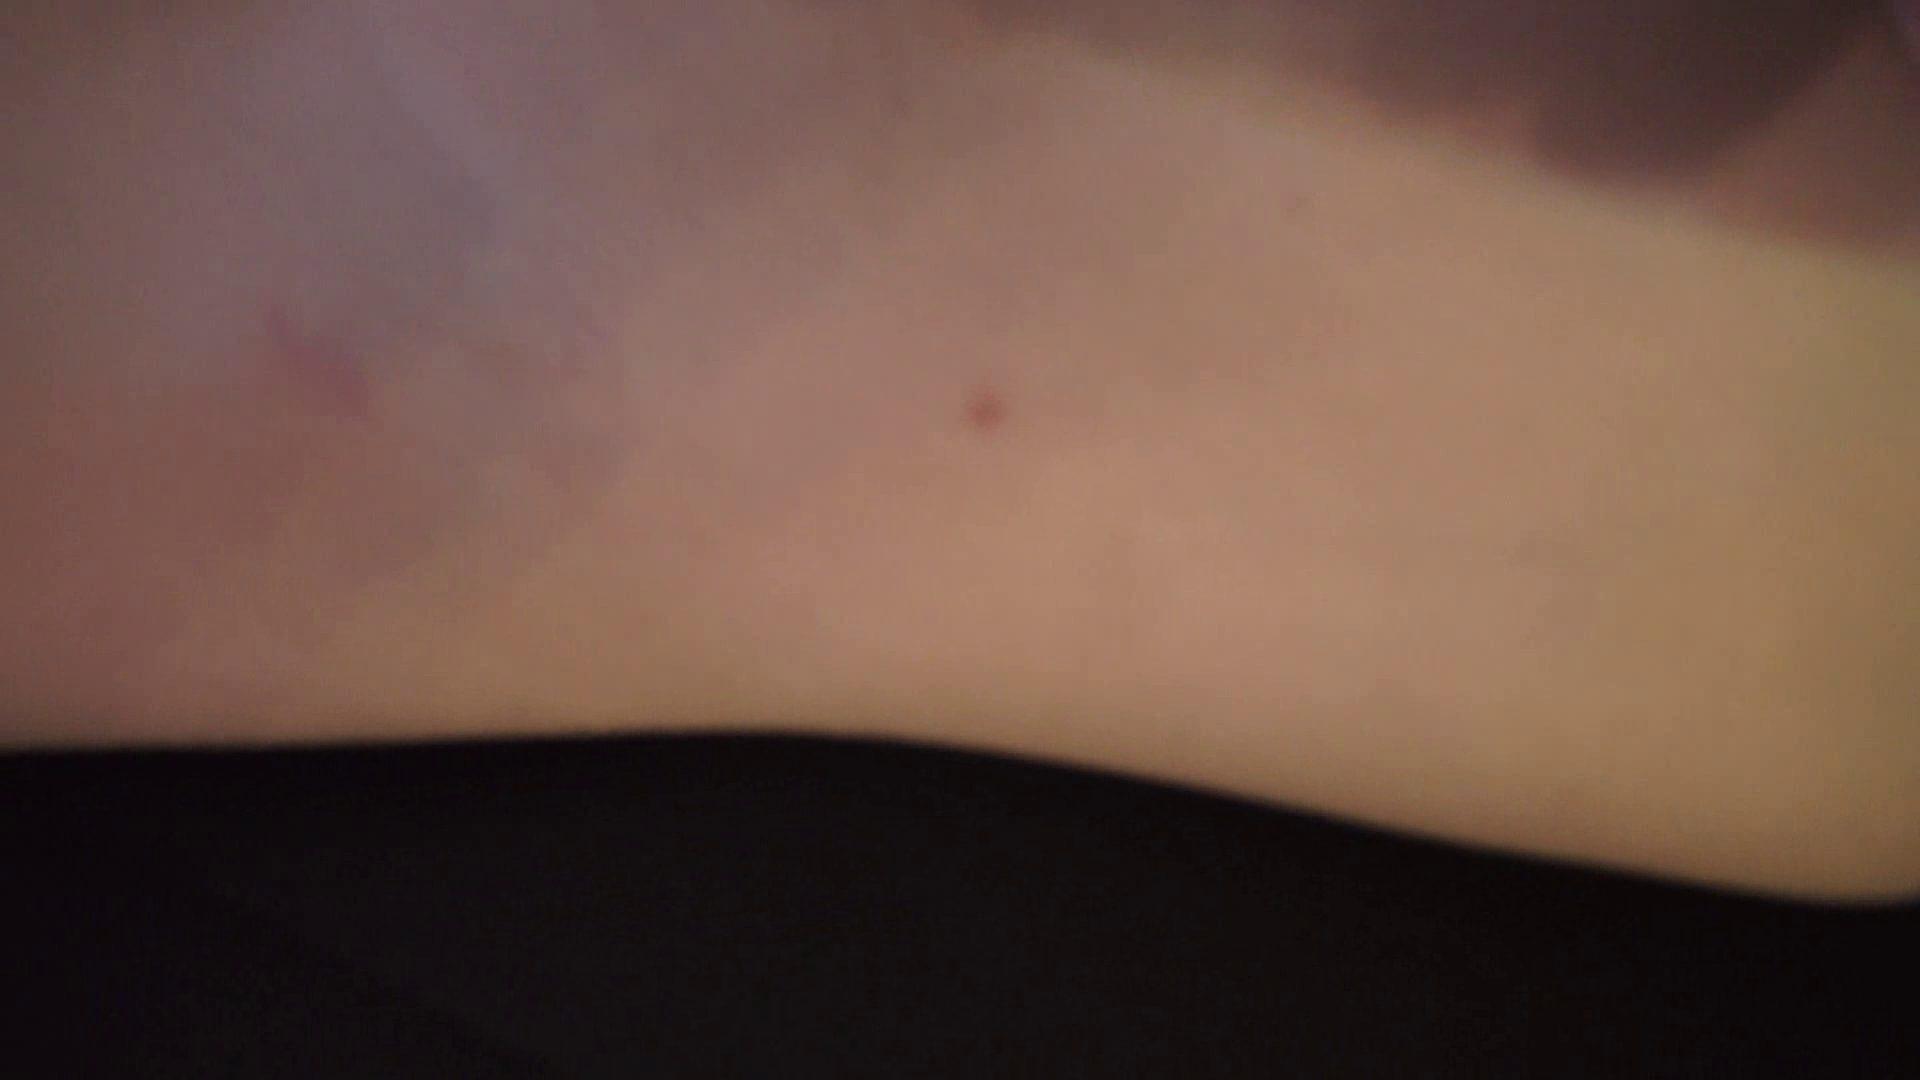 vol.7 夏実ちゃんの汗まみれの腋をベロベロ舐めるTKSさん OL  105pic 28